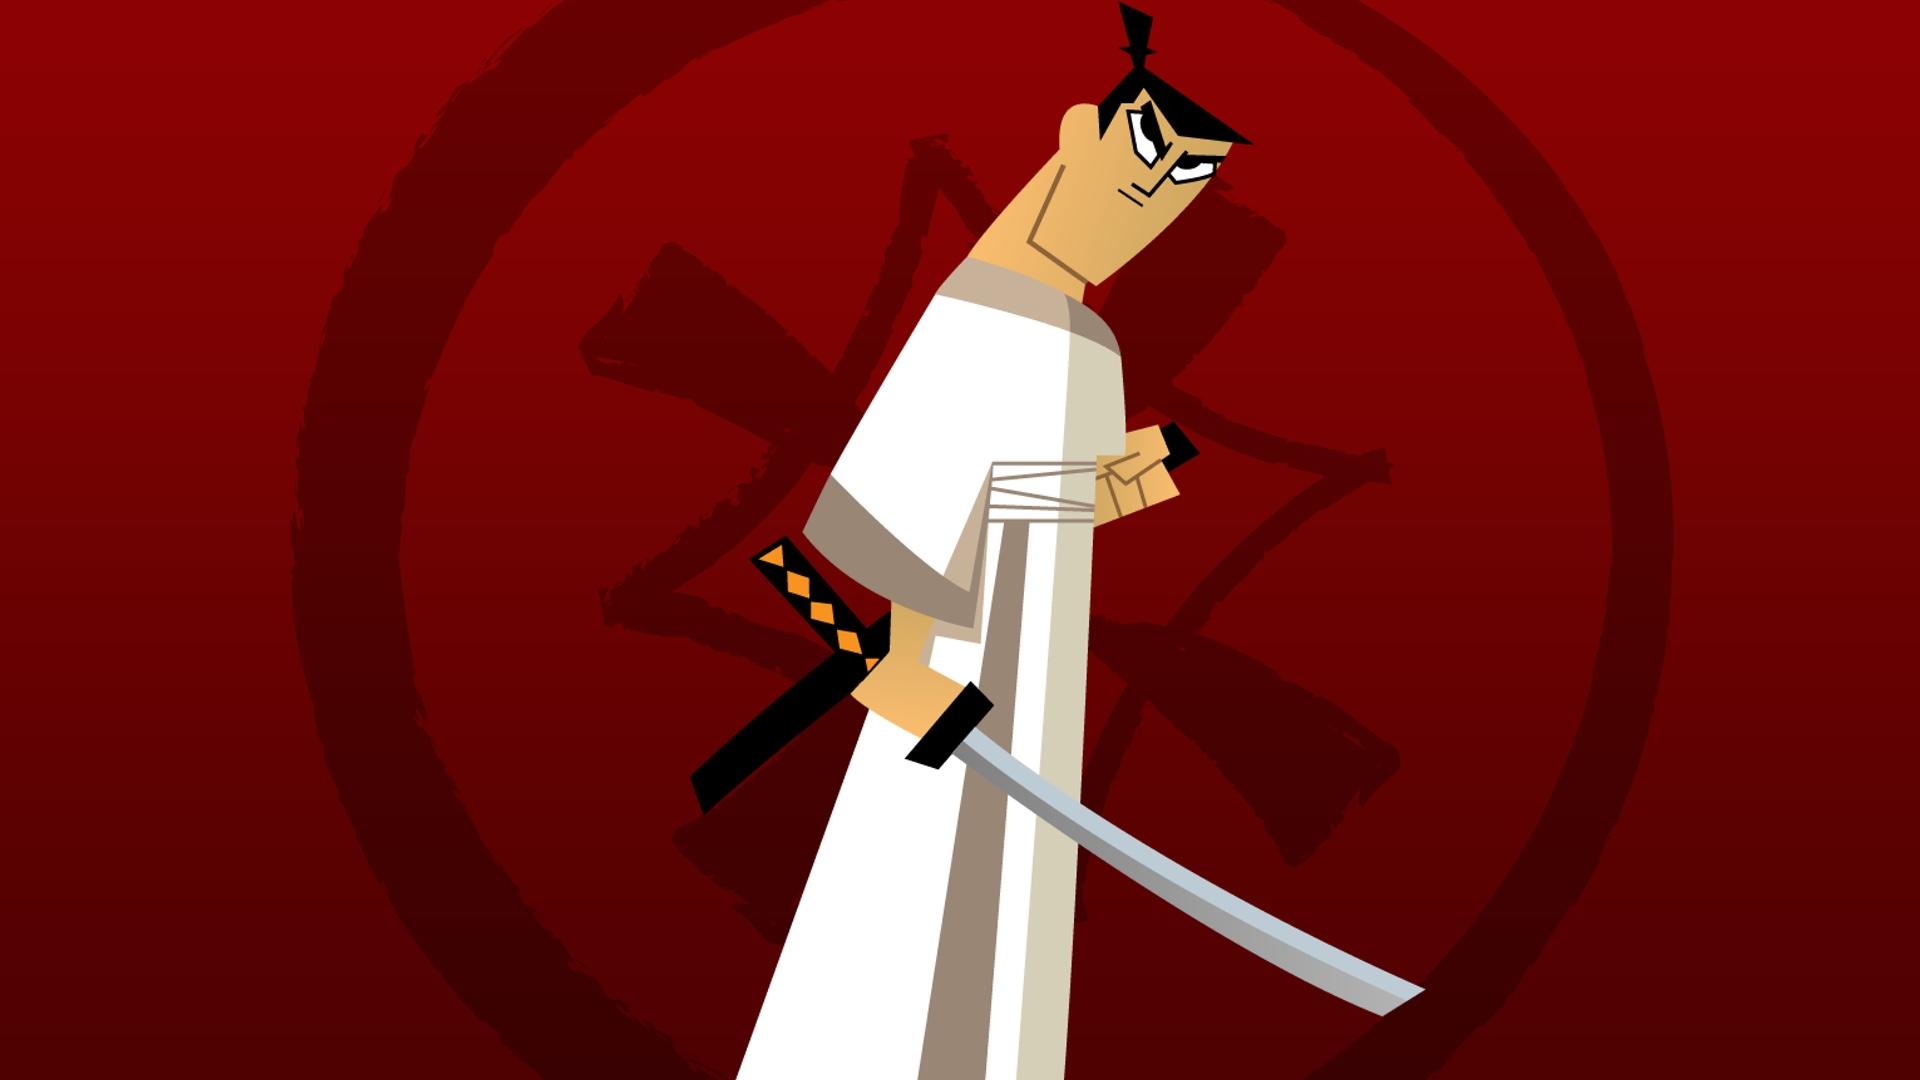 samurai jack download full